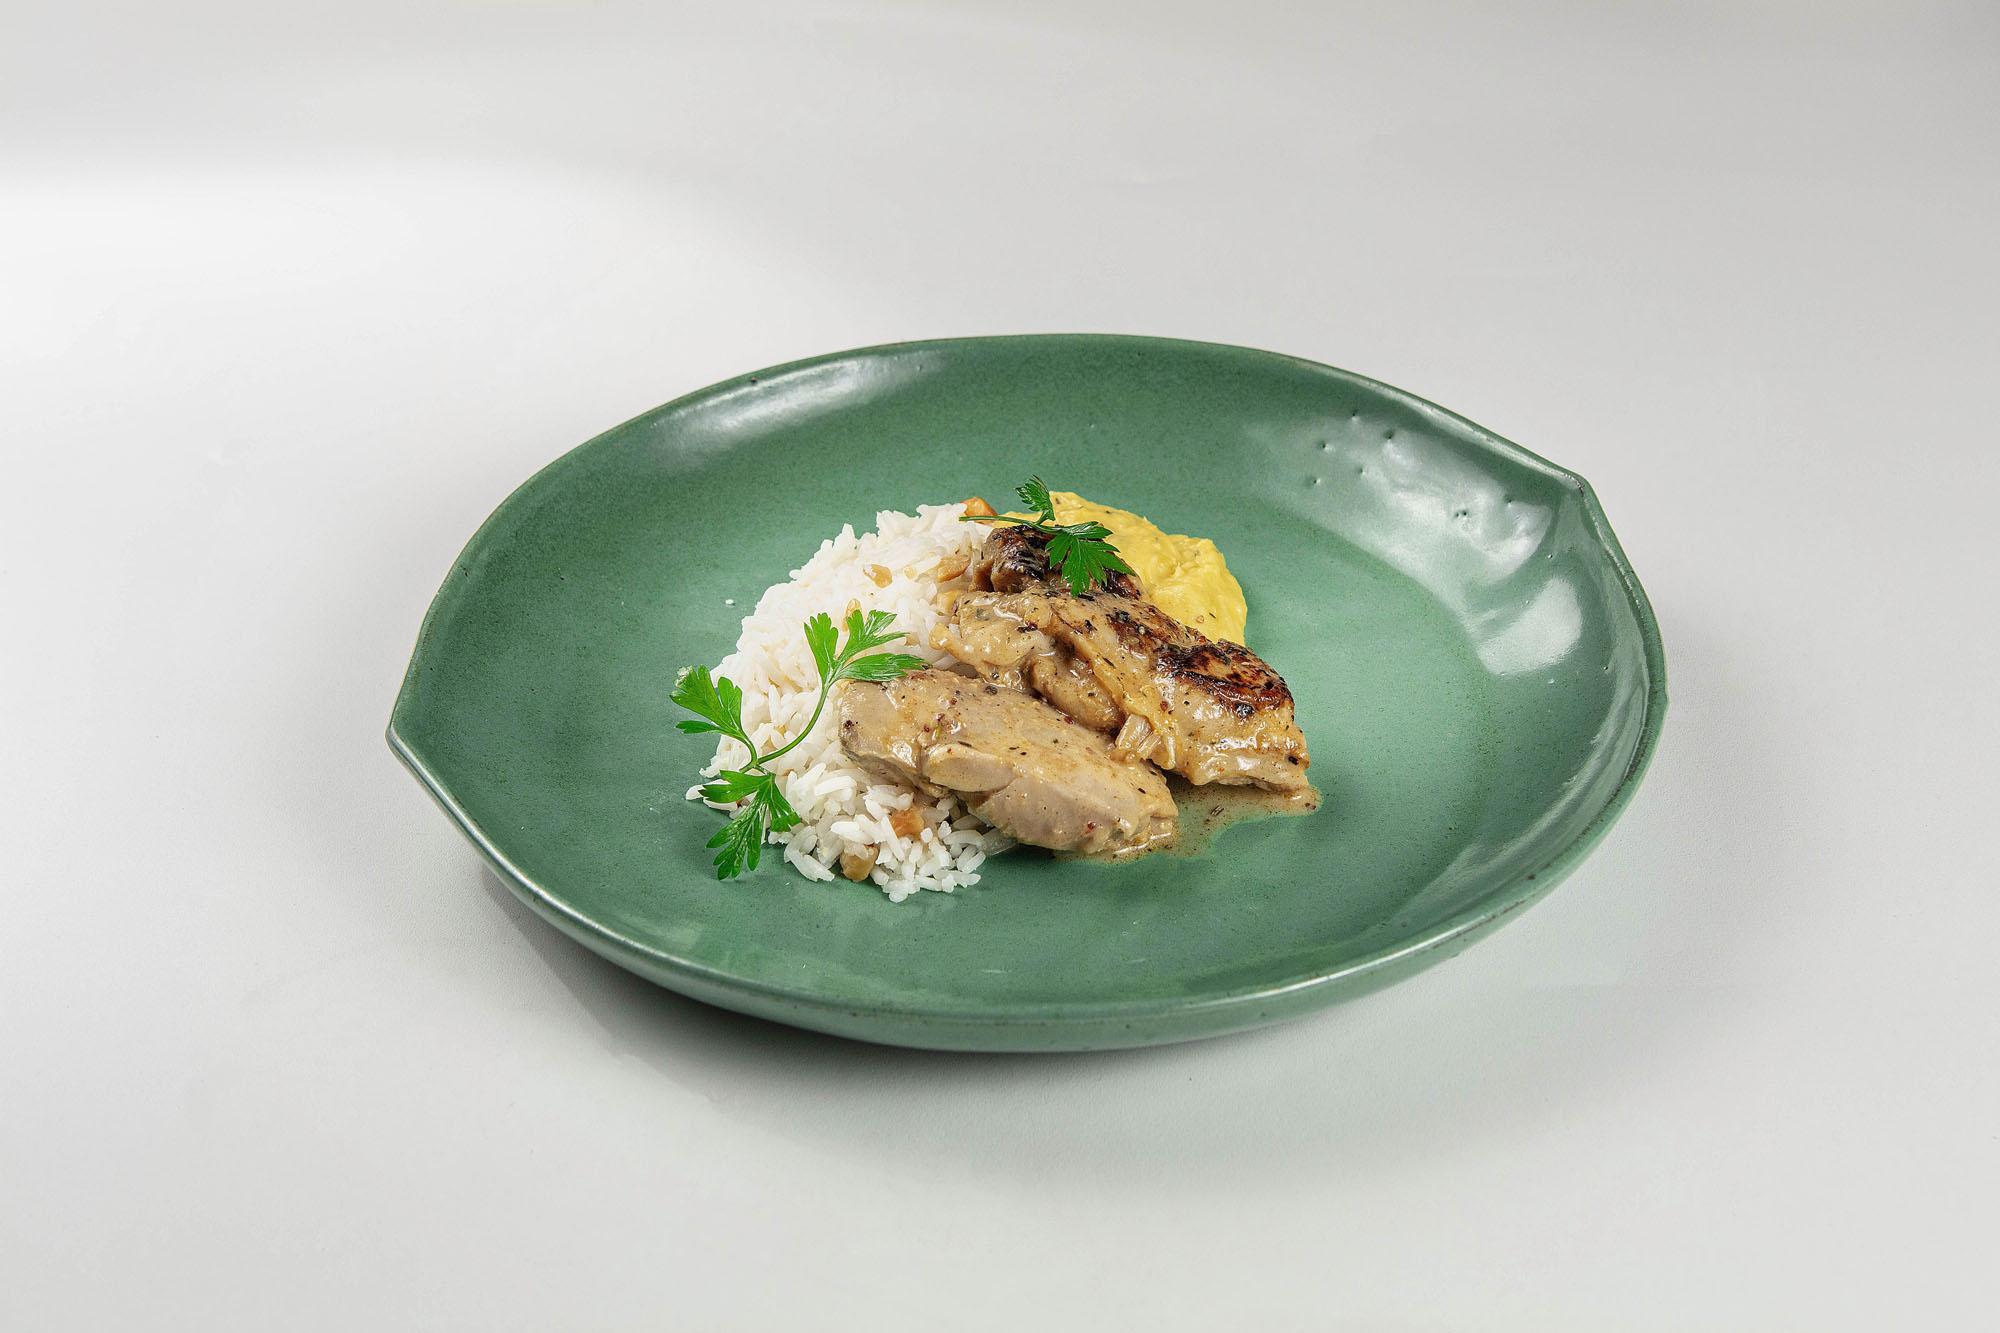 Sobrecoxa de frango ao molho de mostarda, arroz branco e purê de milho e tomilho fresco (390gr)